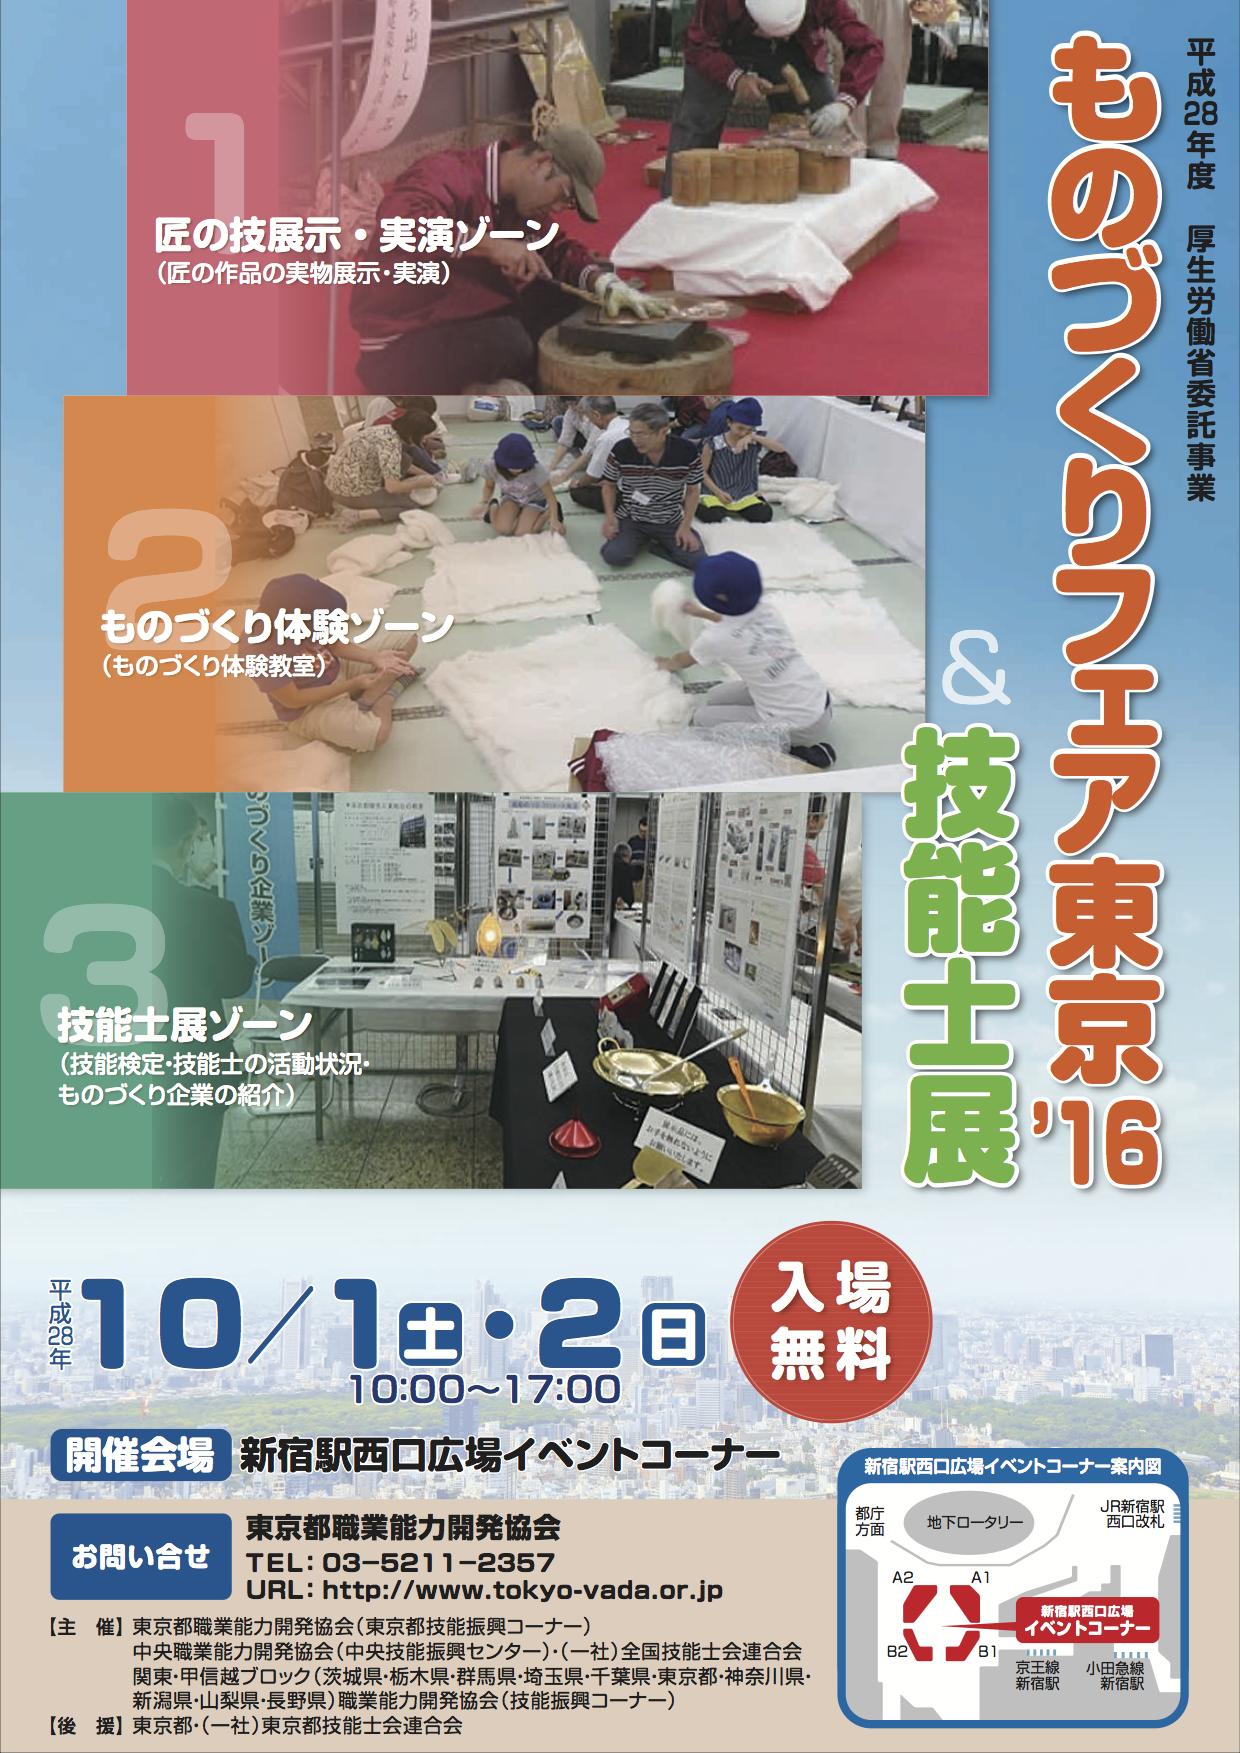 ものづくりフェア東京'16&技能士展1